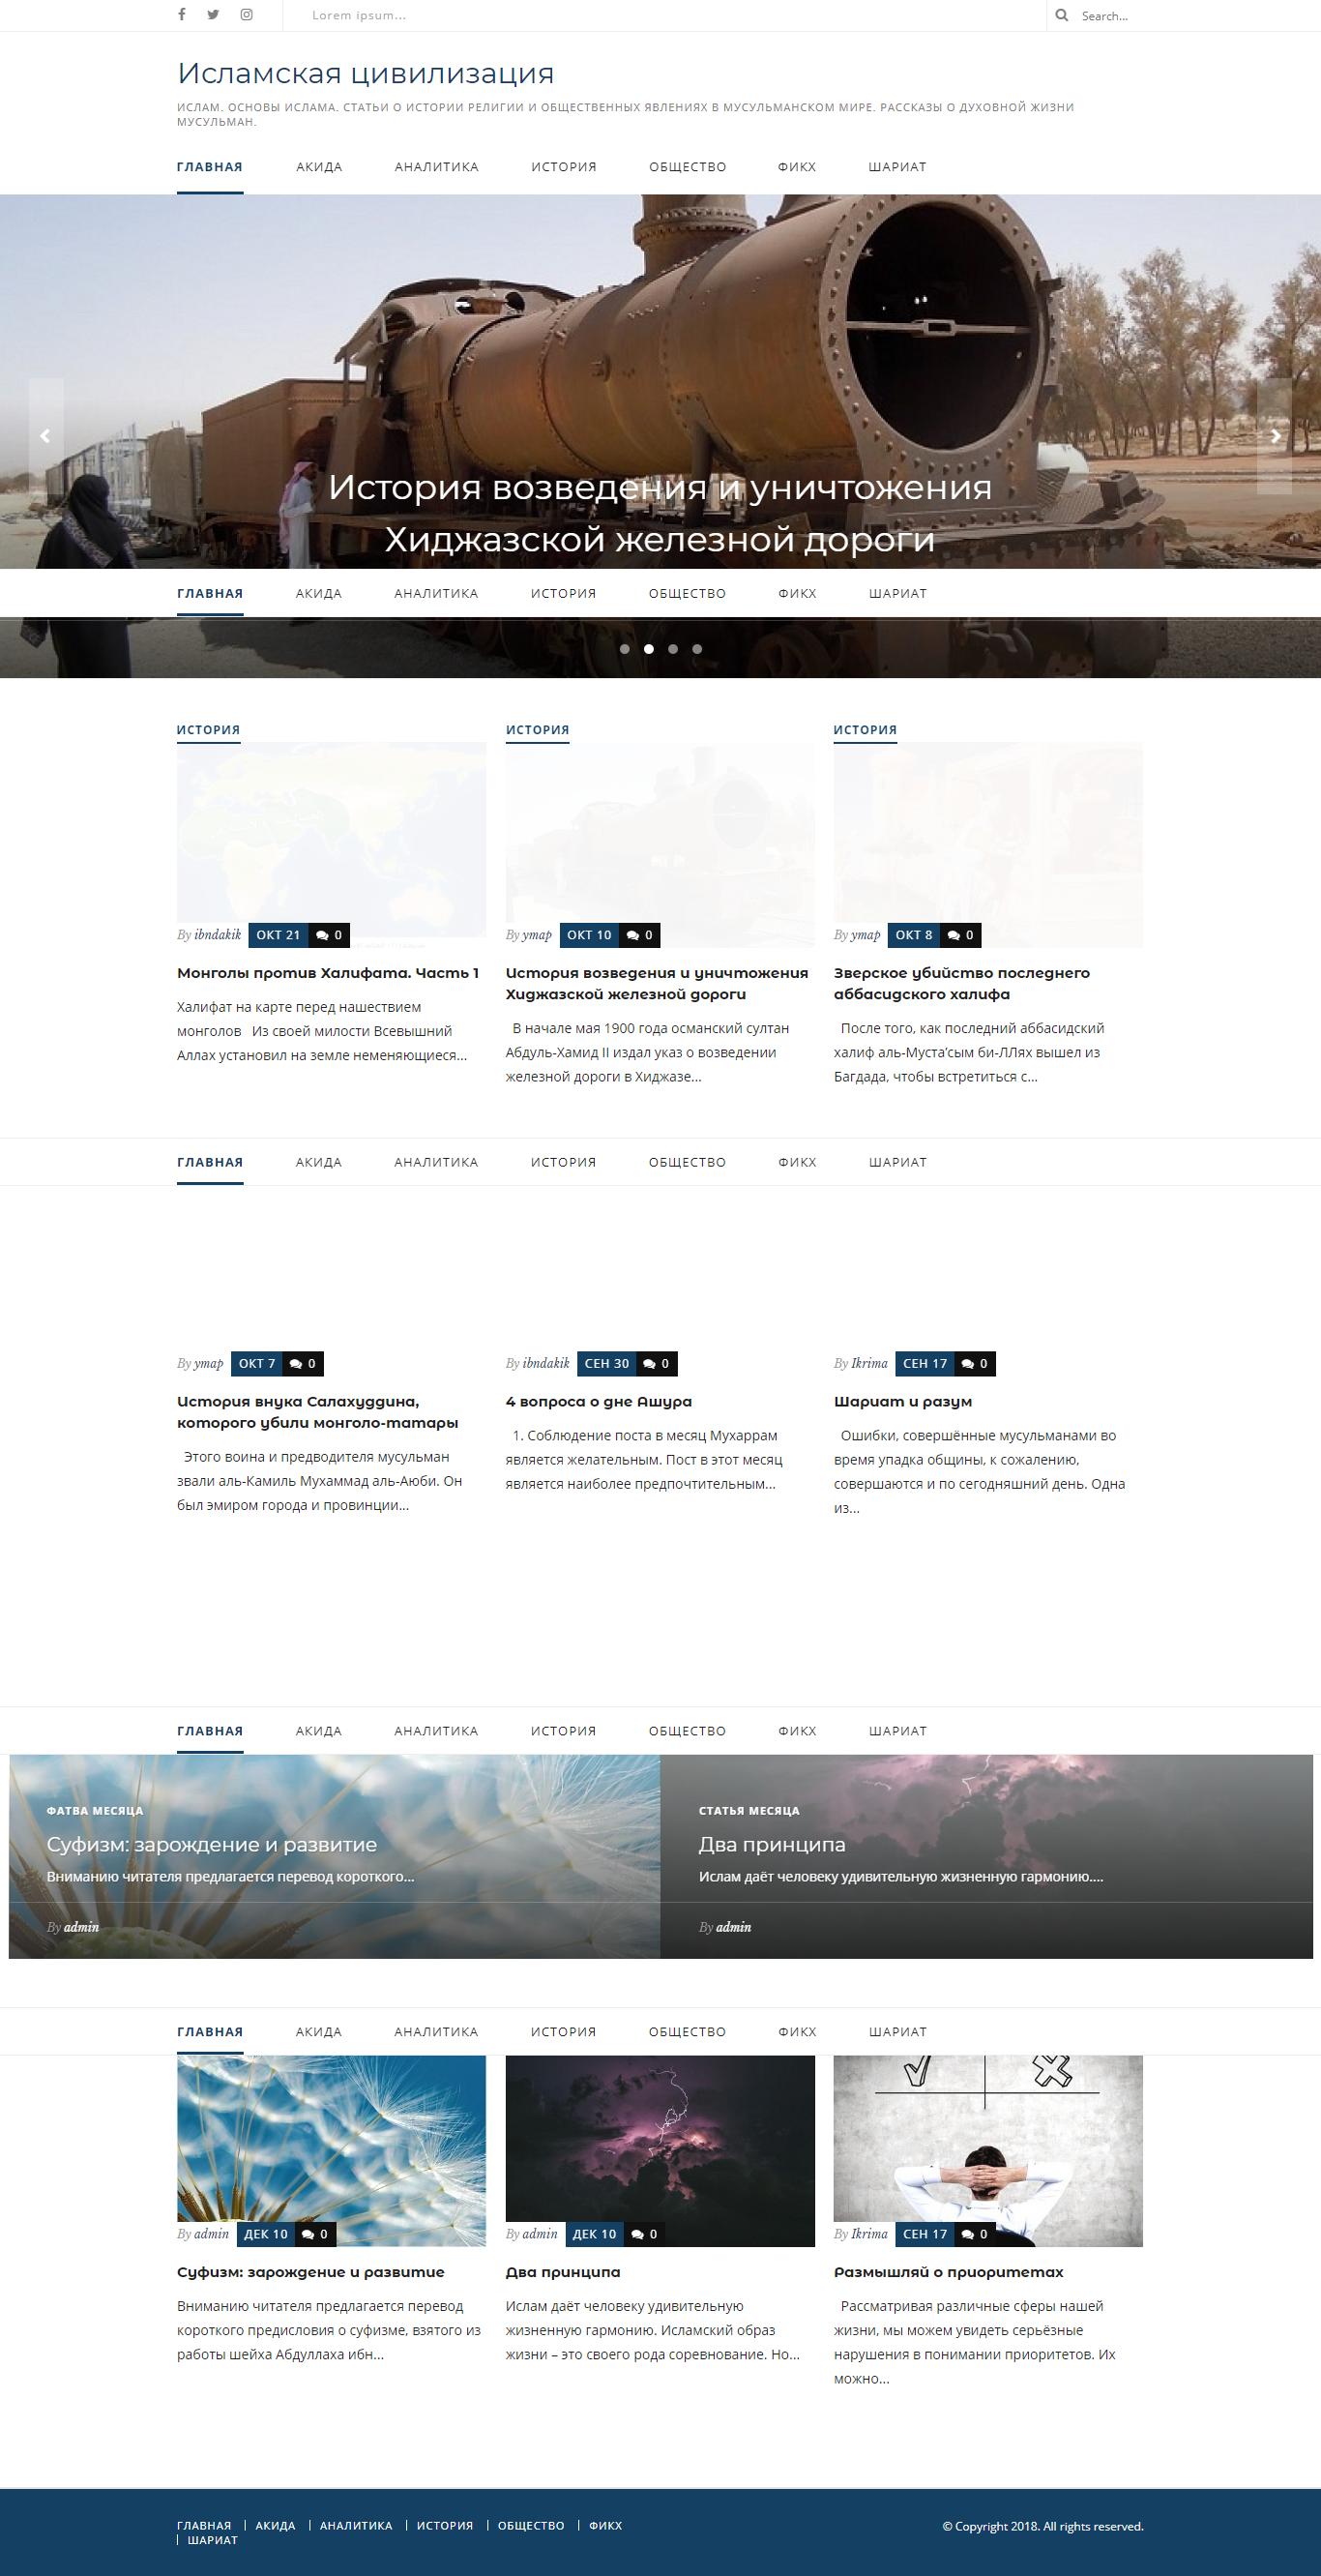 Смена дизайна сайта на сайте new.islamcivil.ru на wordpress